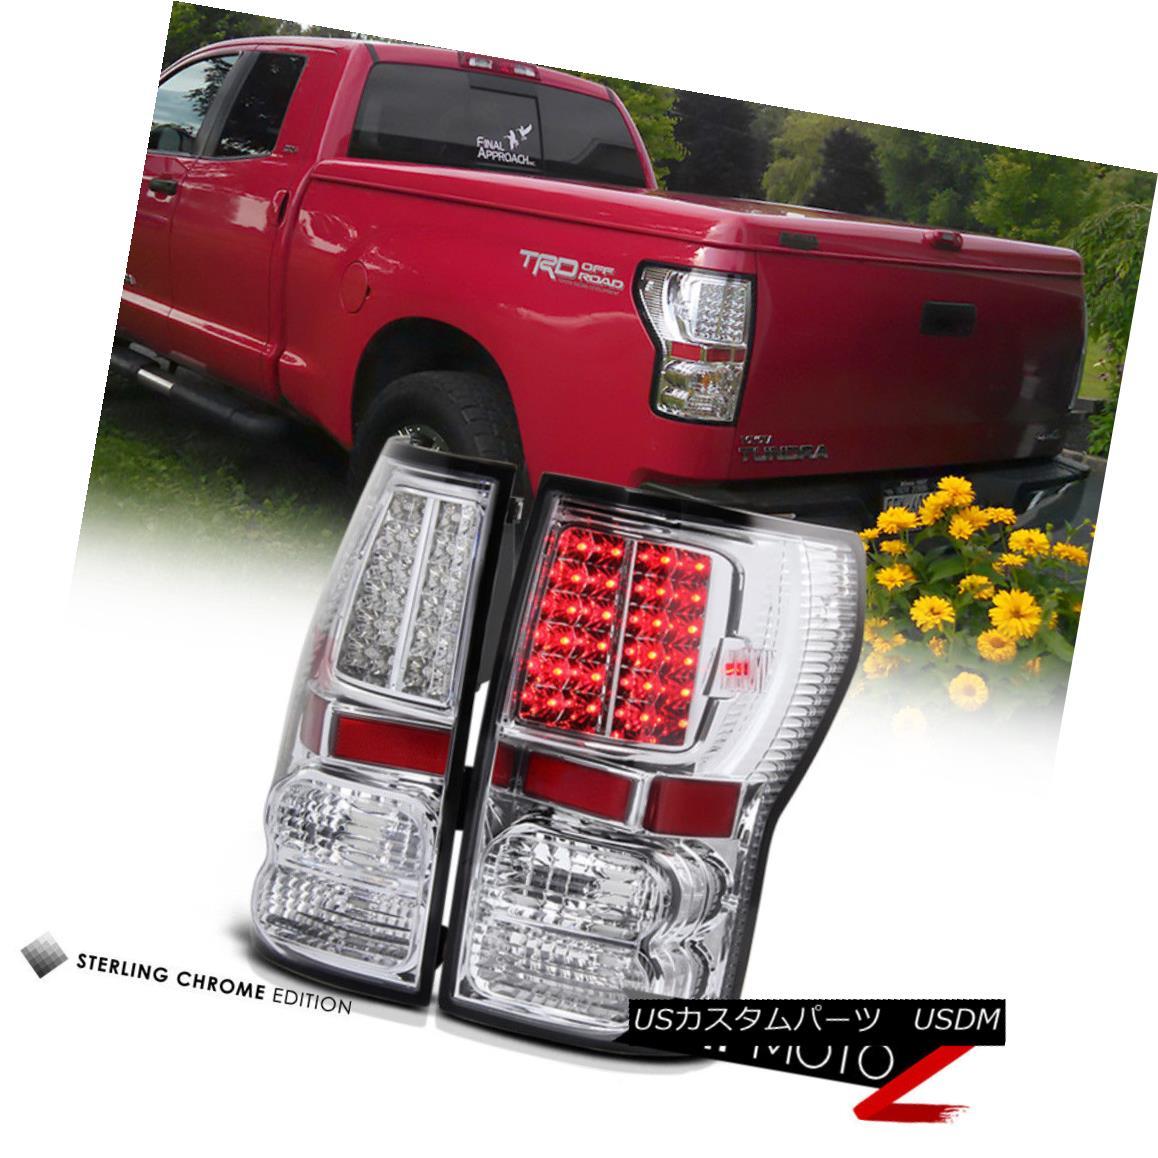 テールライト Toyota Tundra Truck 2007-2013 New Chrome LED Tail Lamps Left+Right Pair Assembly トヨタツンドラトラック2007-2013新しいクロームLEDテールランプ左+右ペアアセンブリ